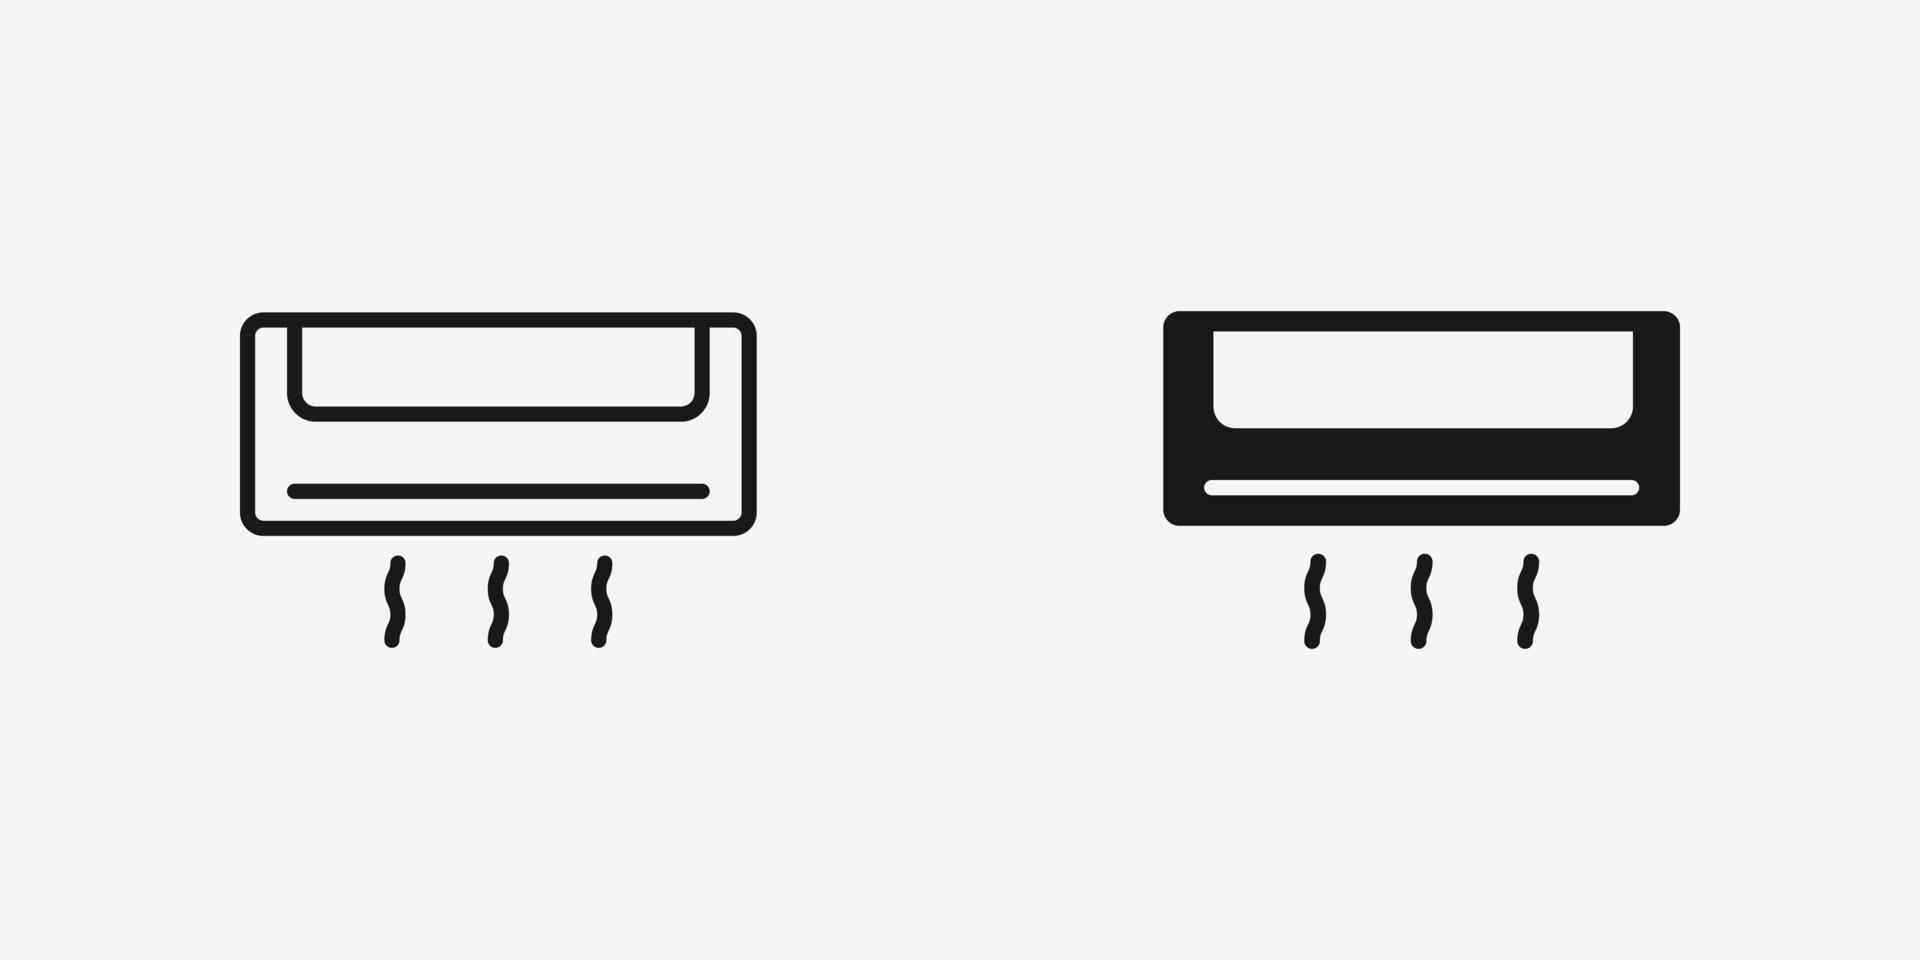 vektorillustration av luftkonditioneringssymbolen vektor